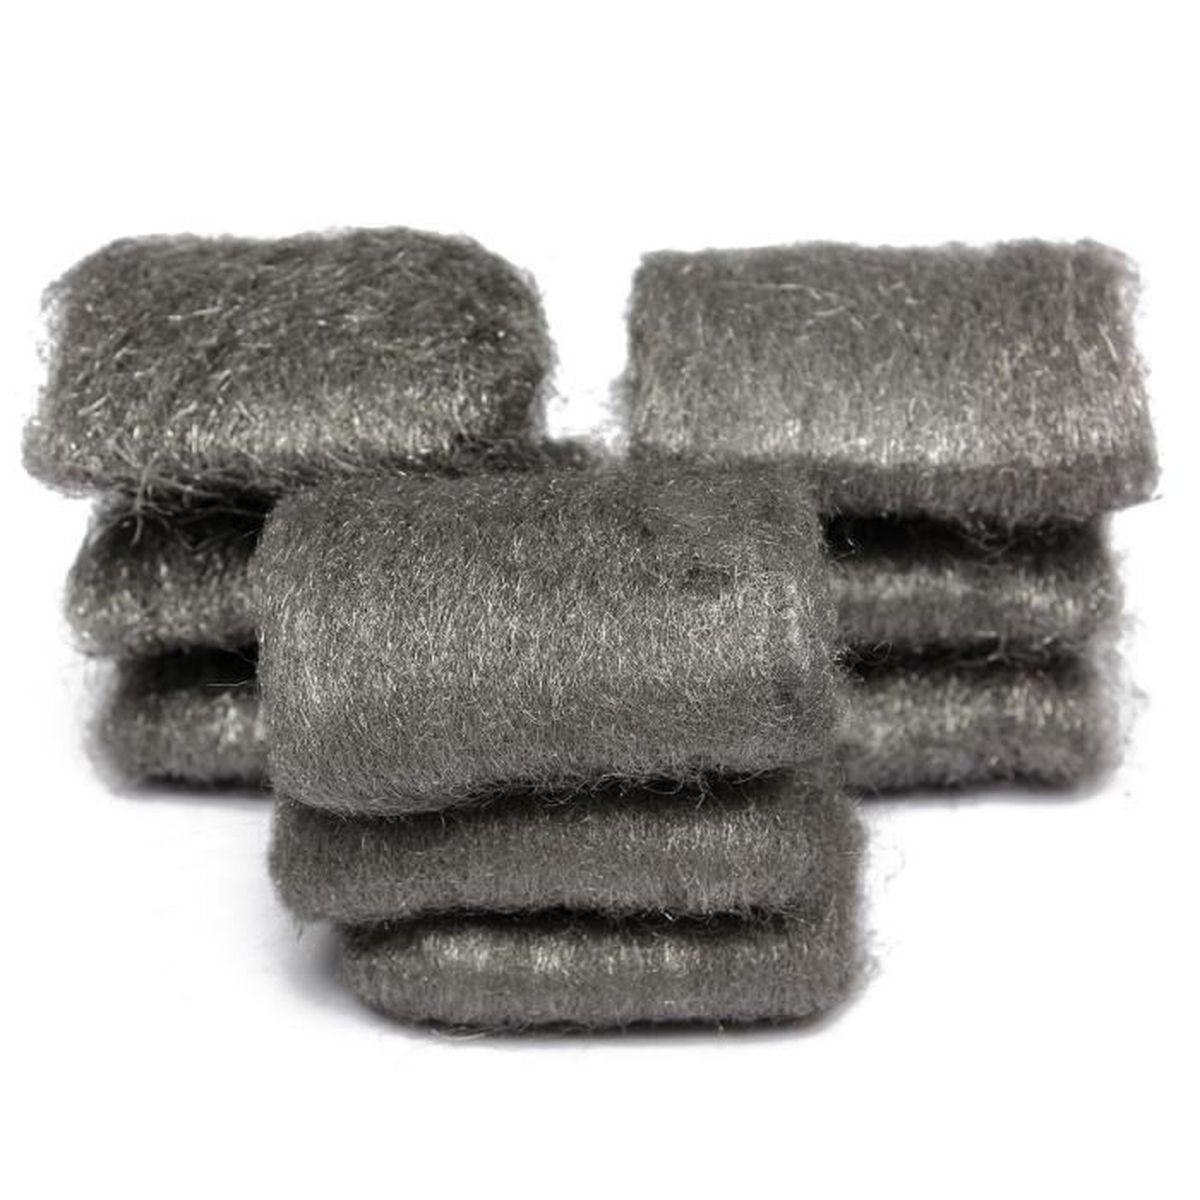 Preamer Lot de 20 brosses de polissage pour tissu de polissage de 2,5 cm avec tige de 6,35 mm